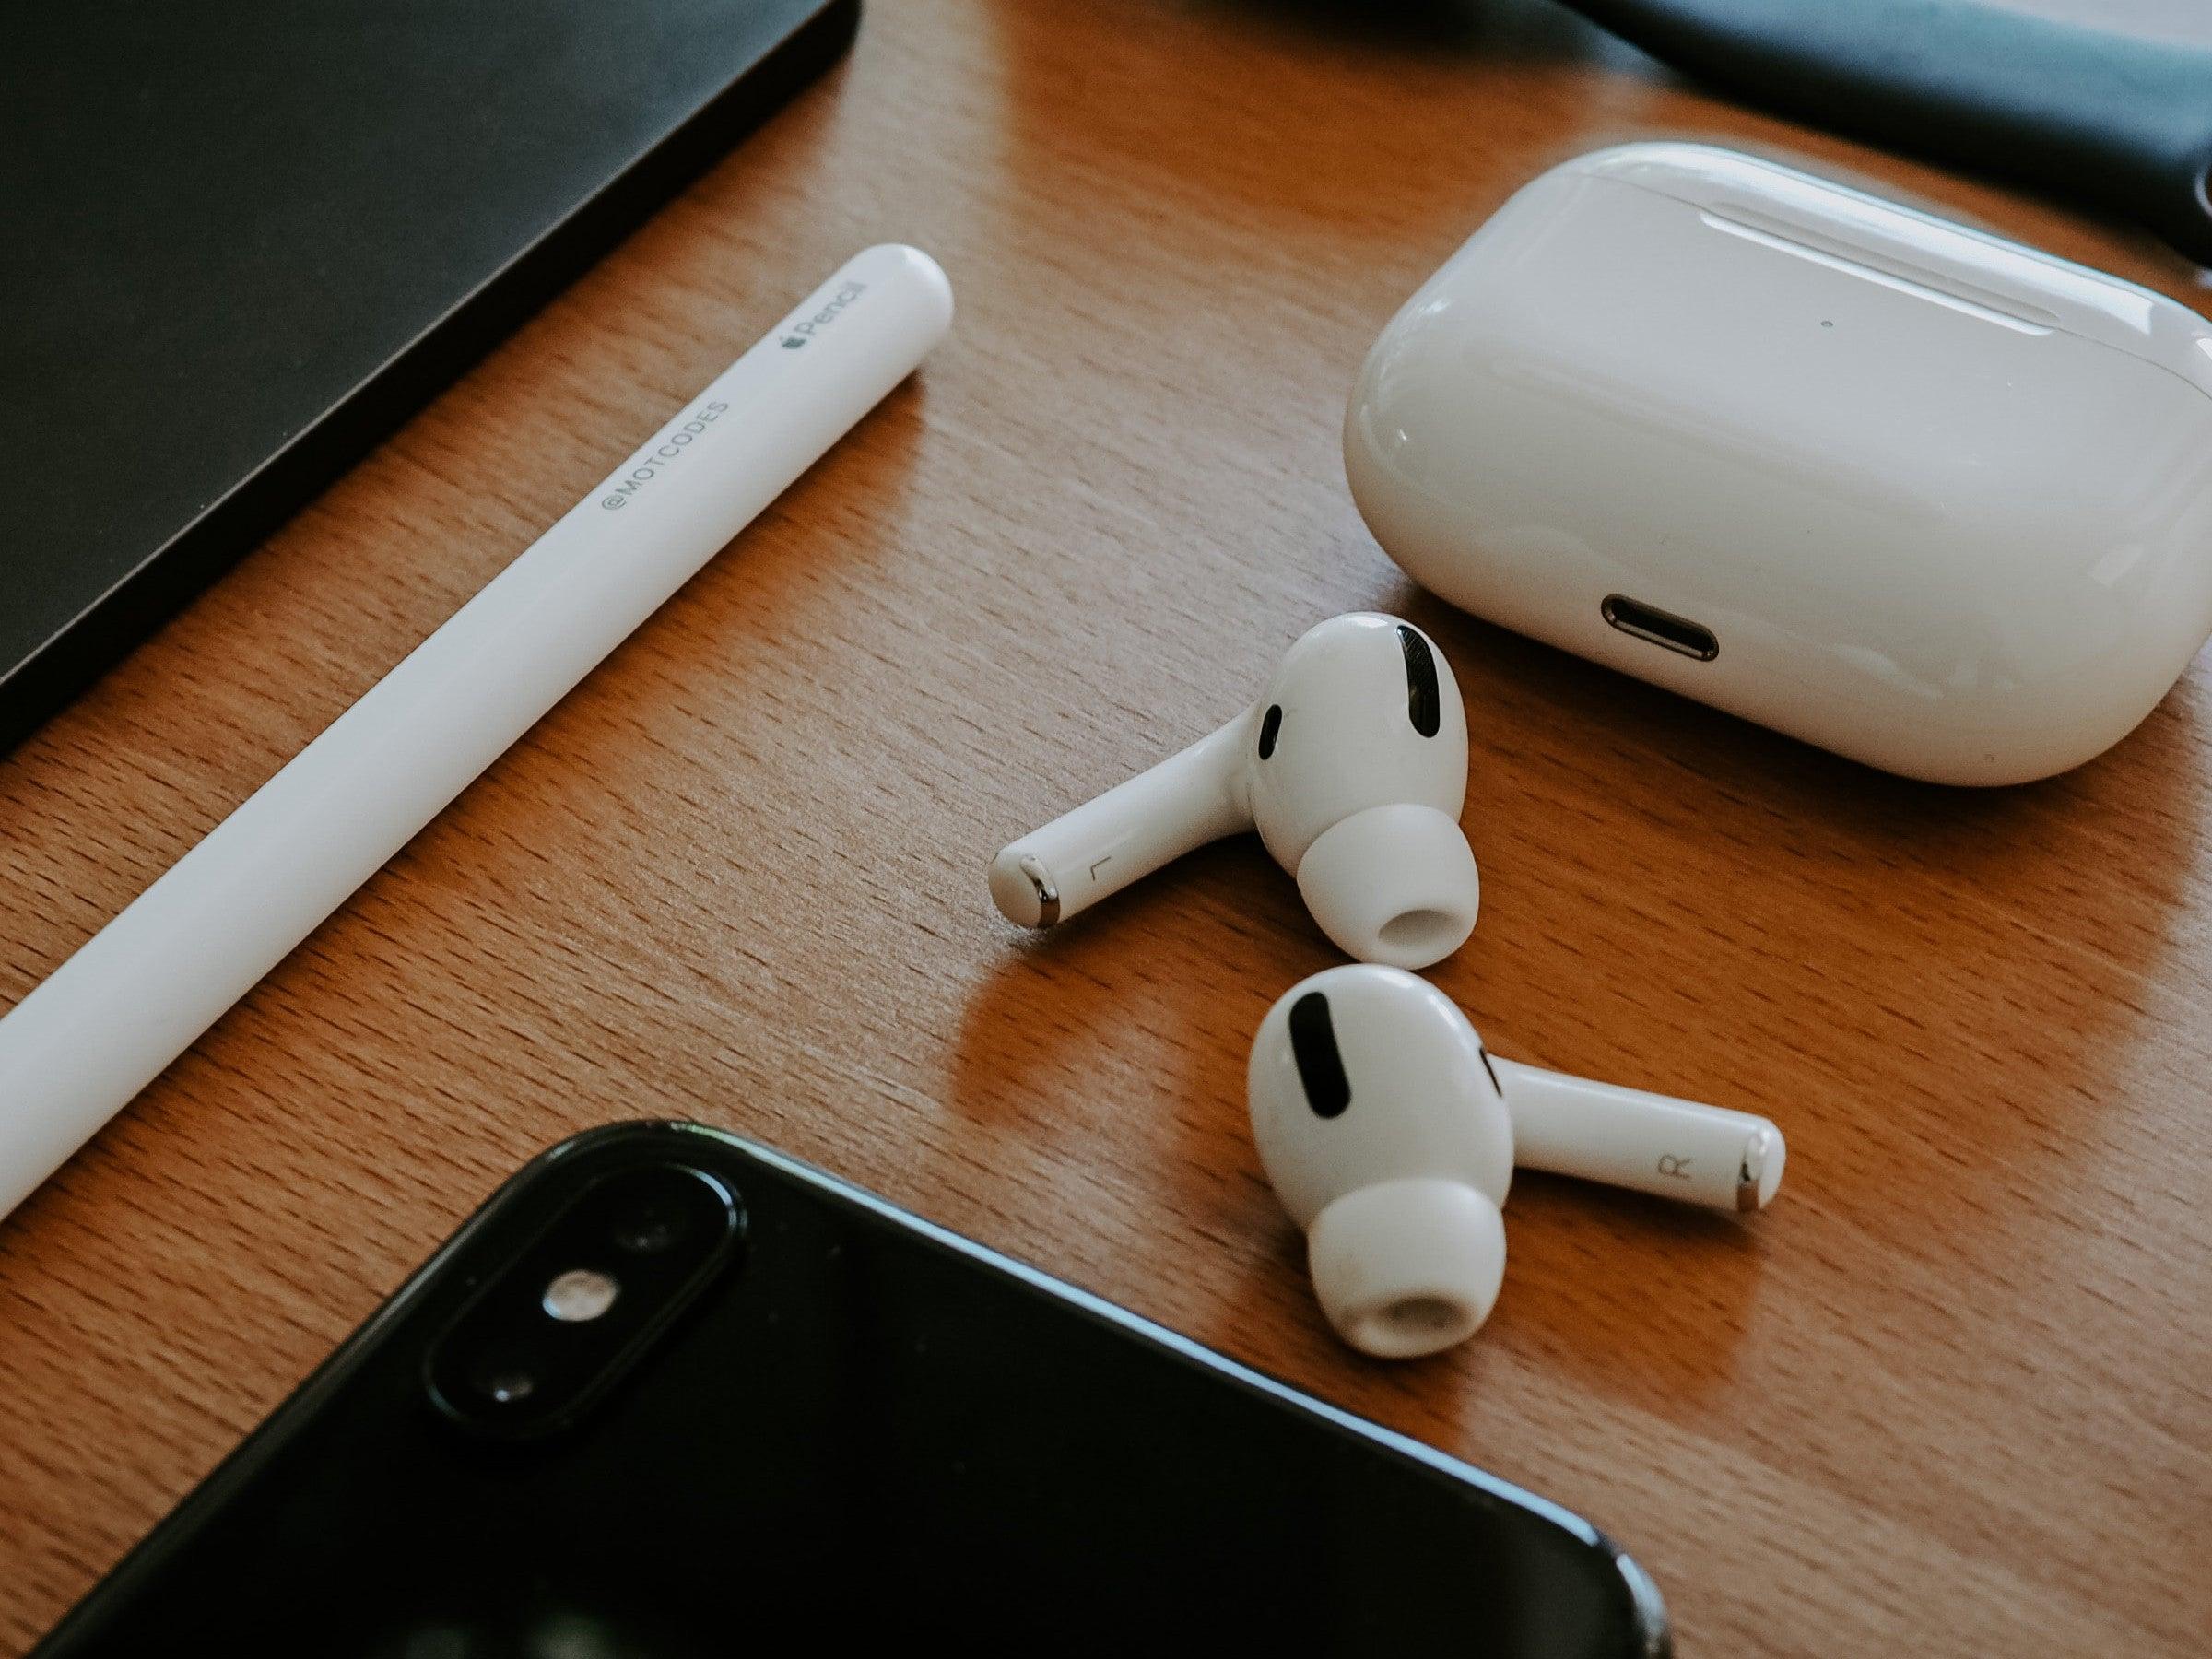 Stiftung Warentest verblüfft: Die besten In-Ear-Kopfhörer kosten nur ein Drittel der Apple AirPods Pro - inside digital